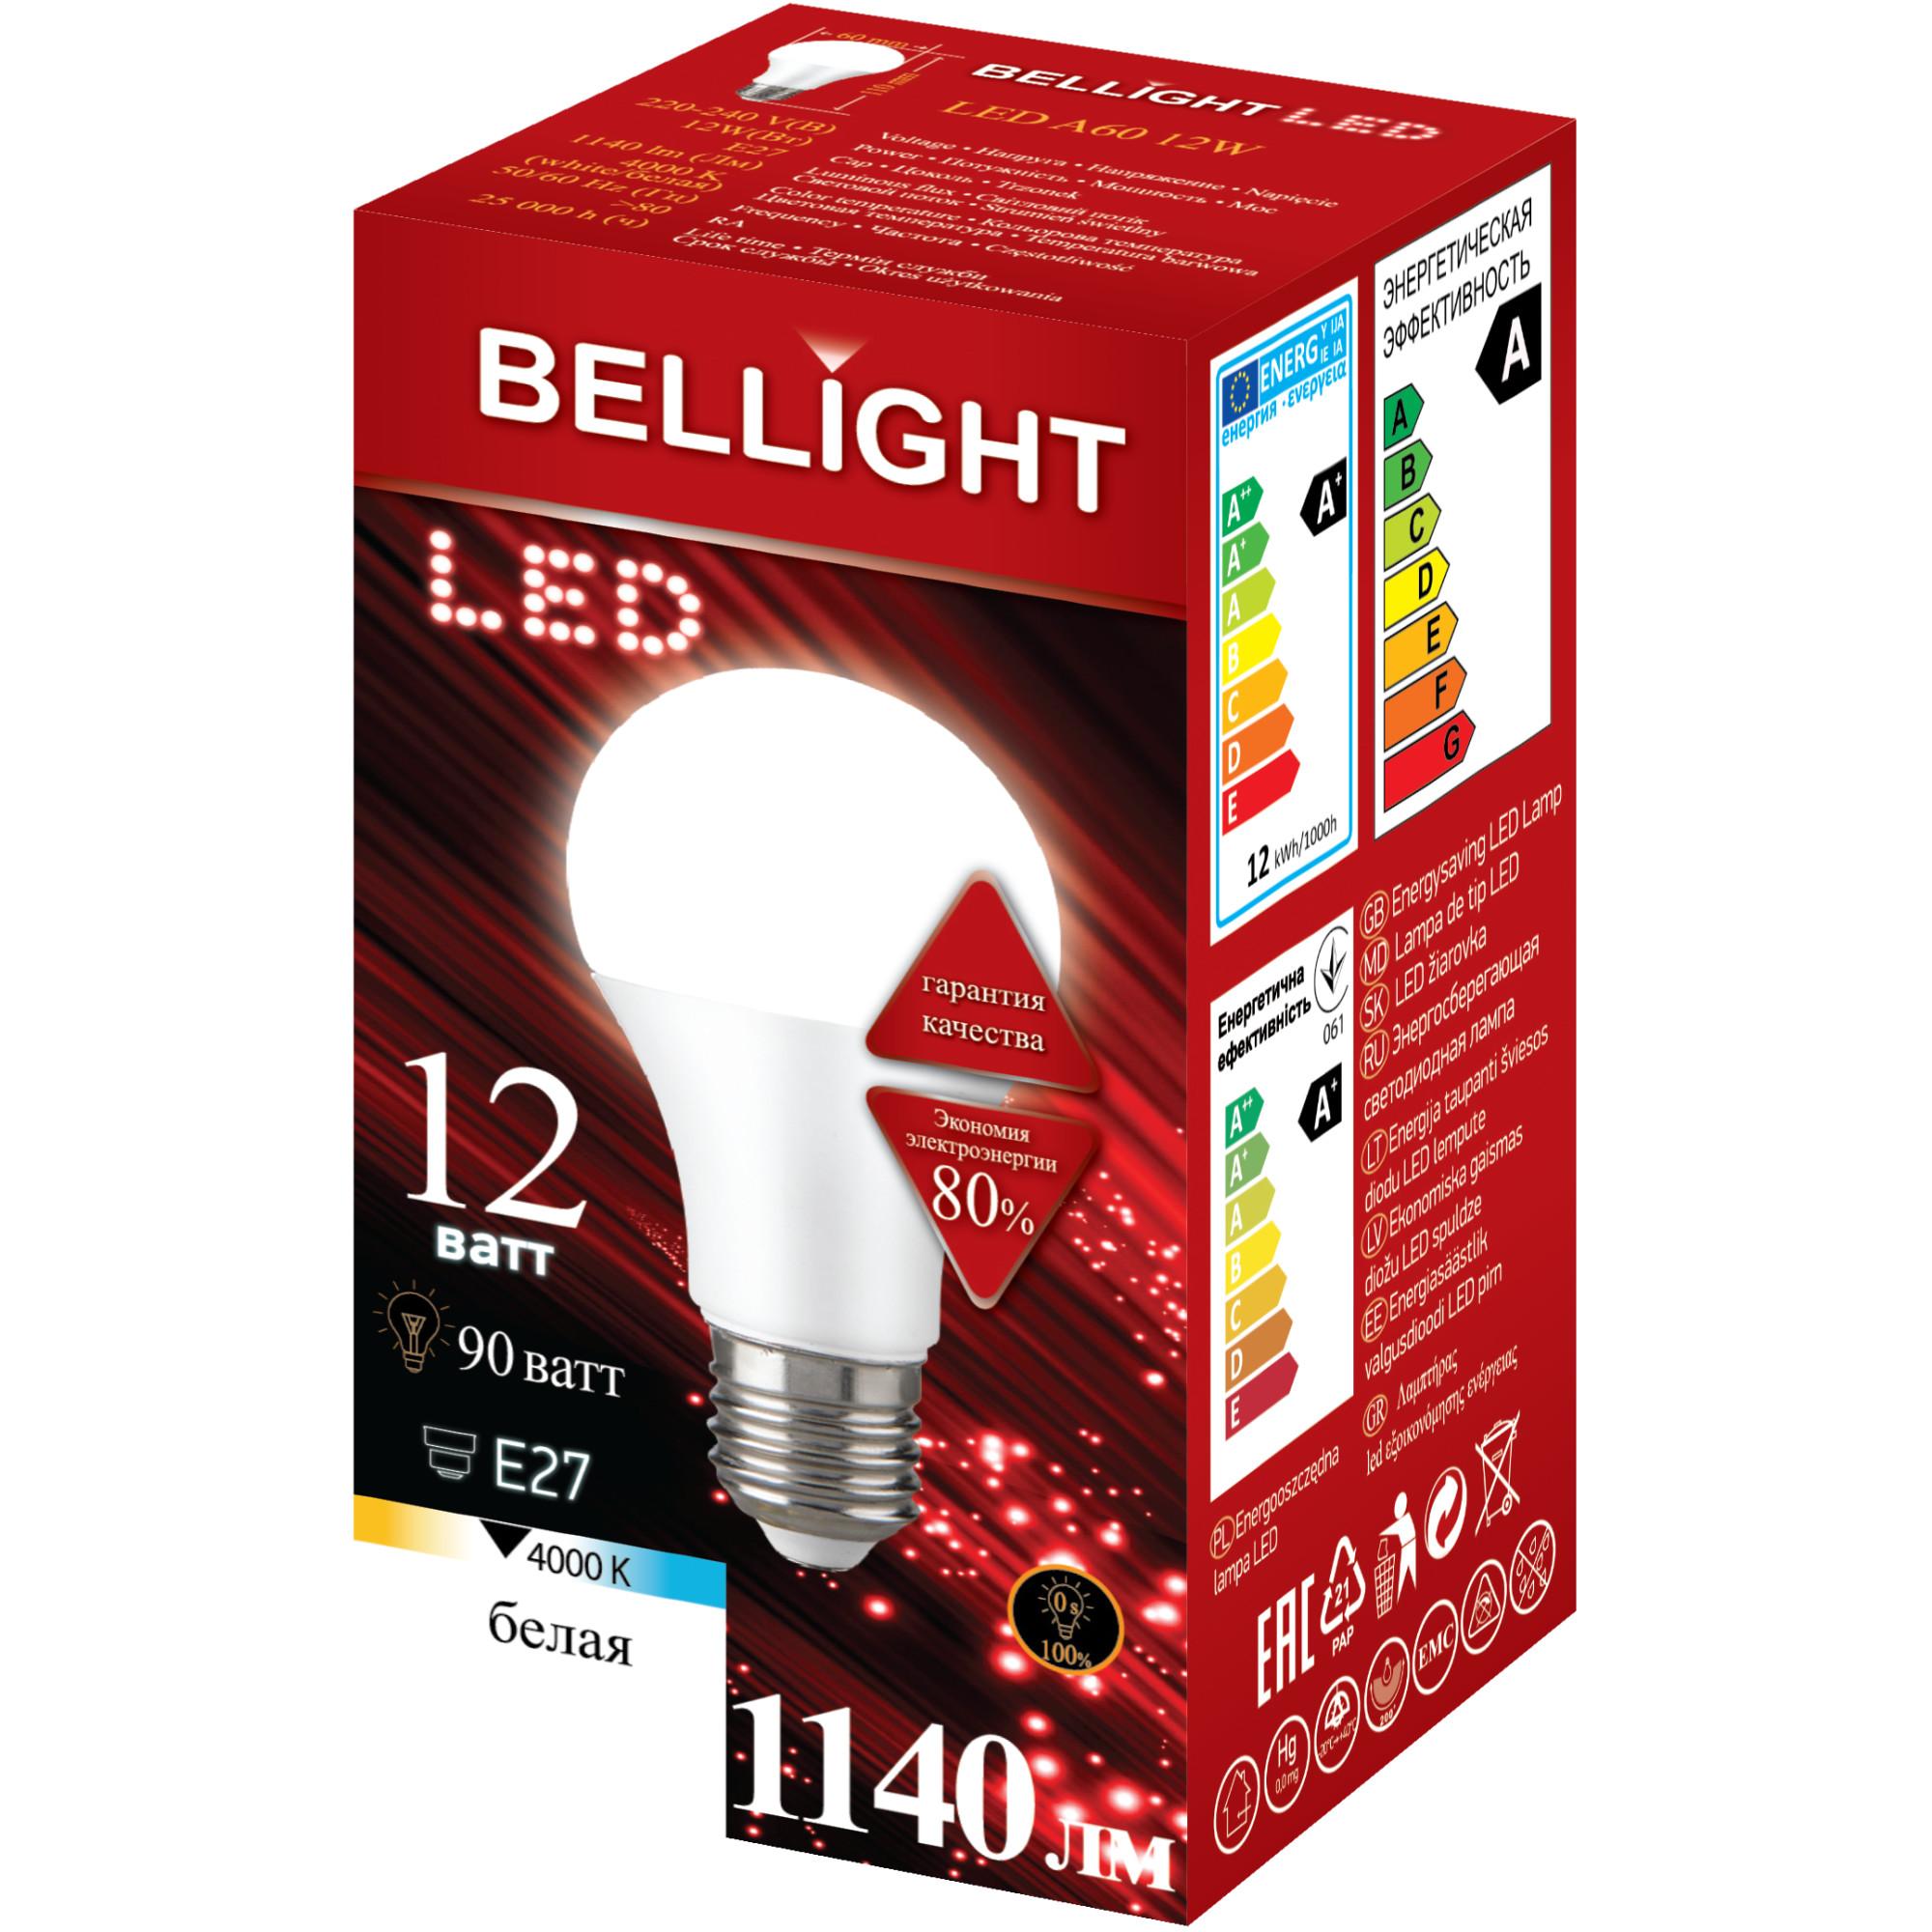 Лампа светодиодная E27 220-240 В 12 Вт груша матовая 1140 лм нейтральный белый свет